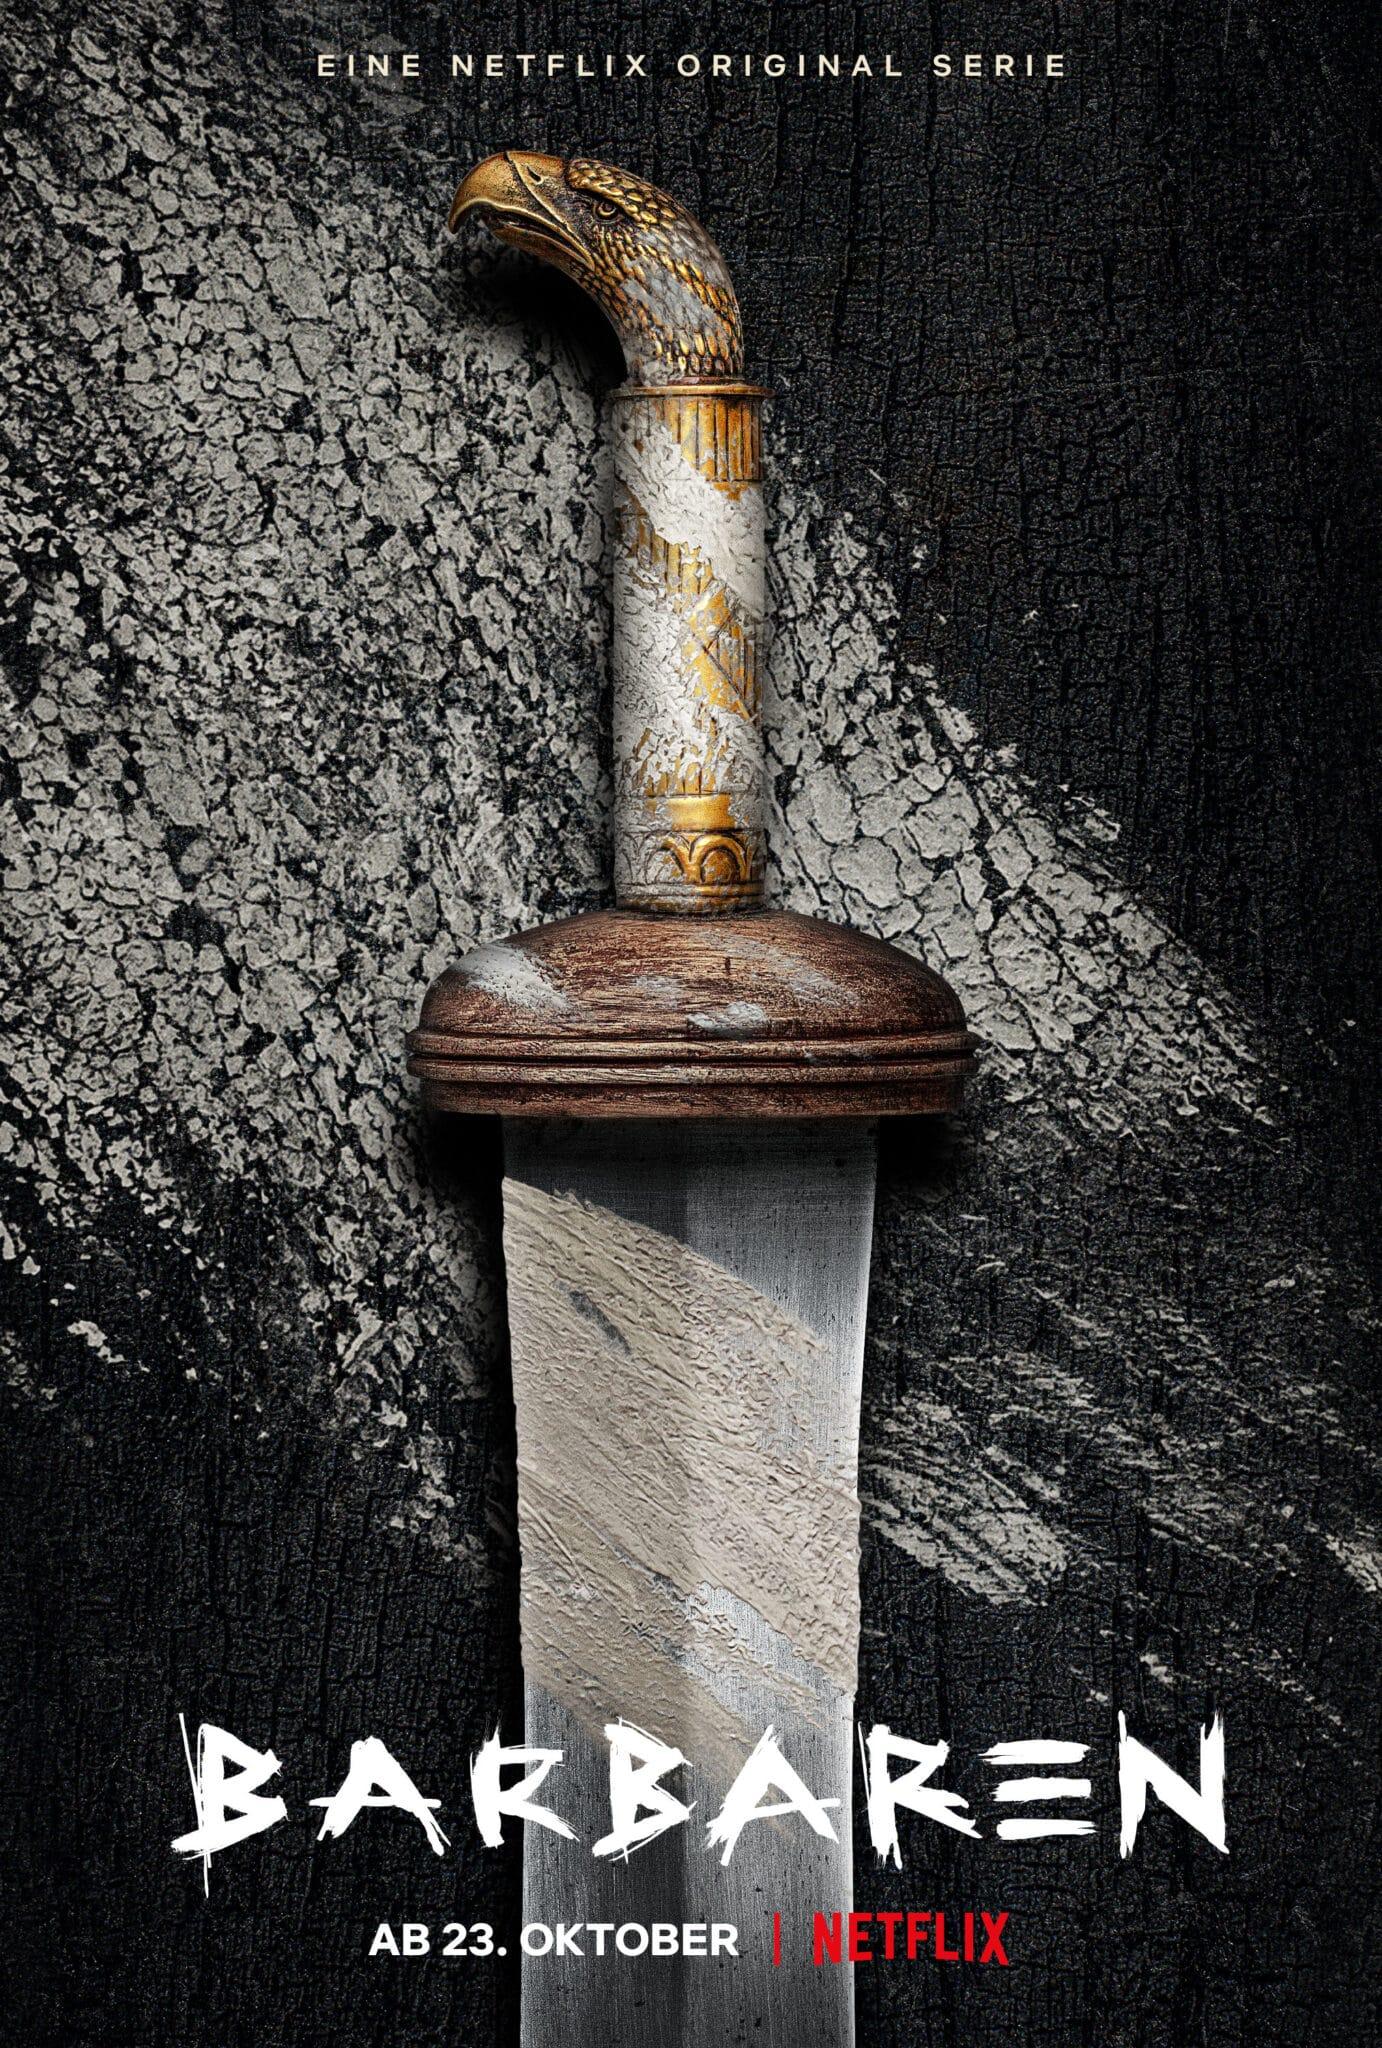 Das Plakat von Barbaren zeigt eine Detailaufnahme eines Schwertes mit Adlergriff. Außerdem kann man den Titel und das Startdatum 23. Oktober lesen.